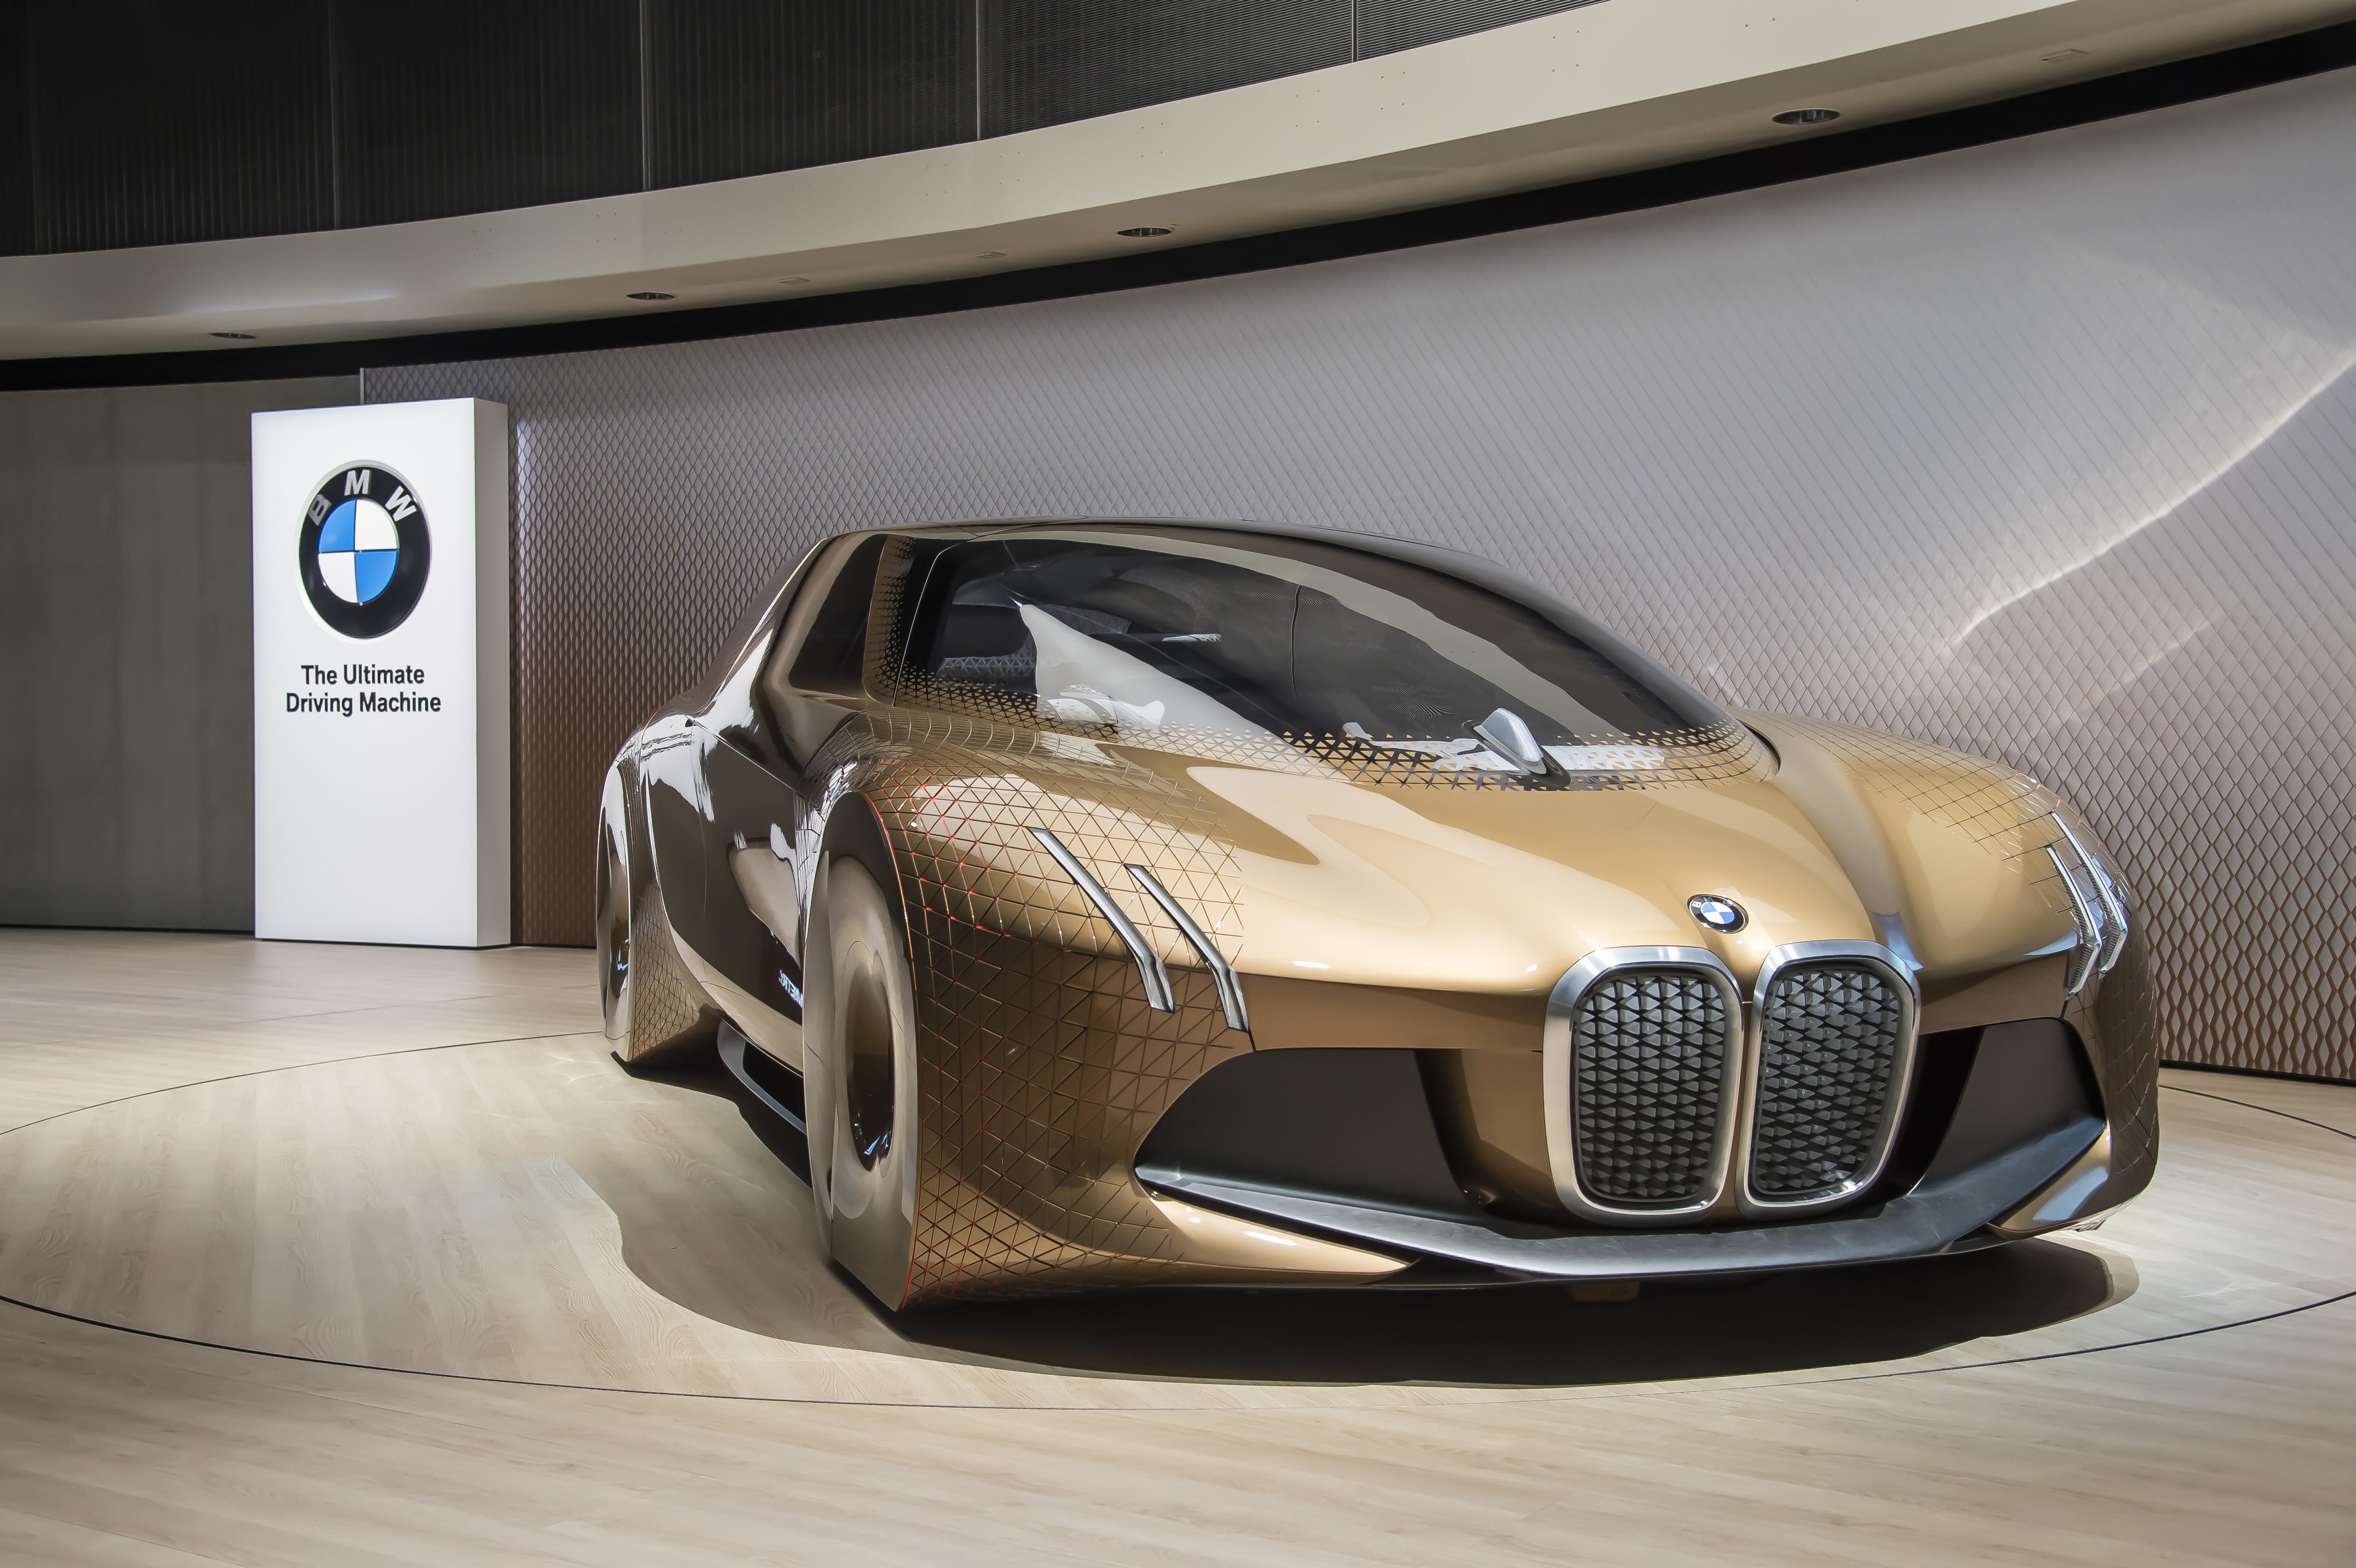 The BMW Vision Next 100 show car, a sleek futuristic-looking sedan.